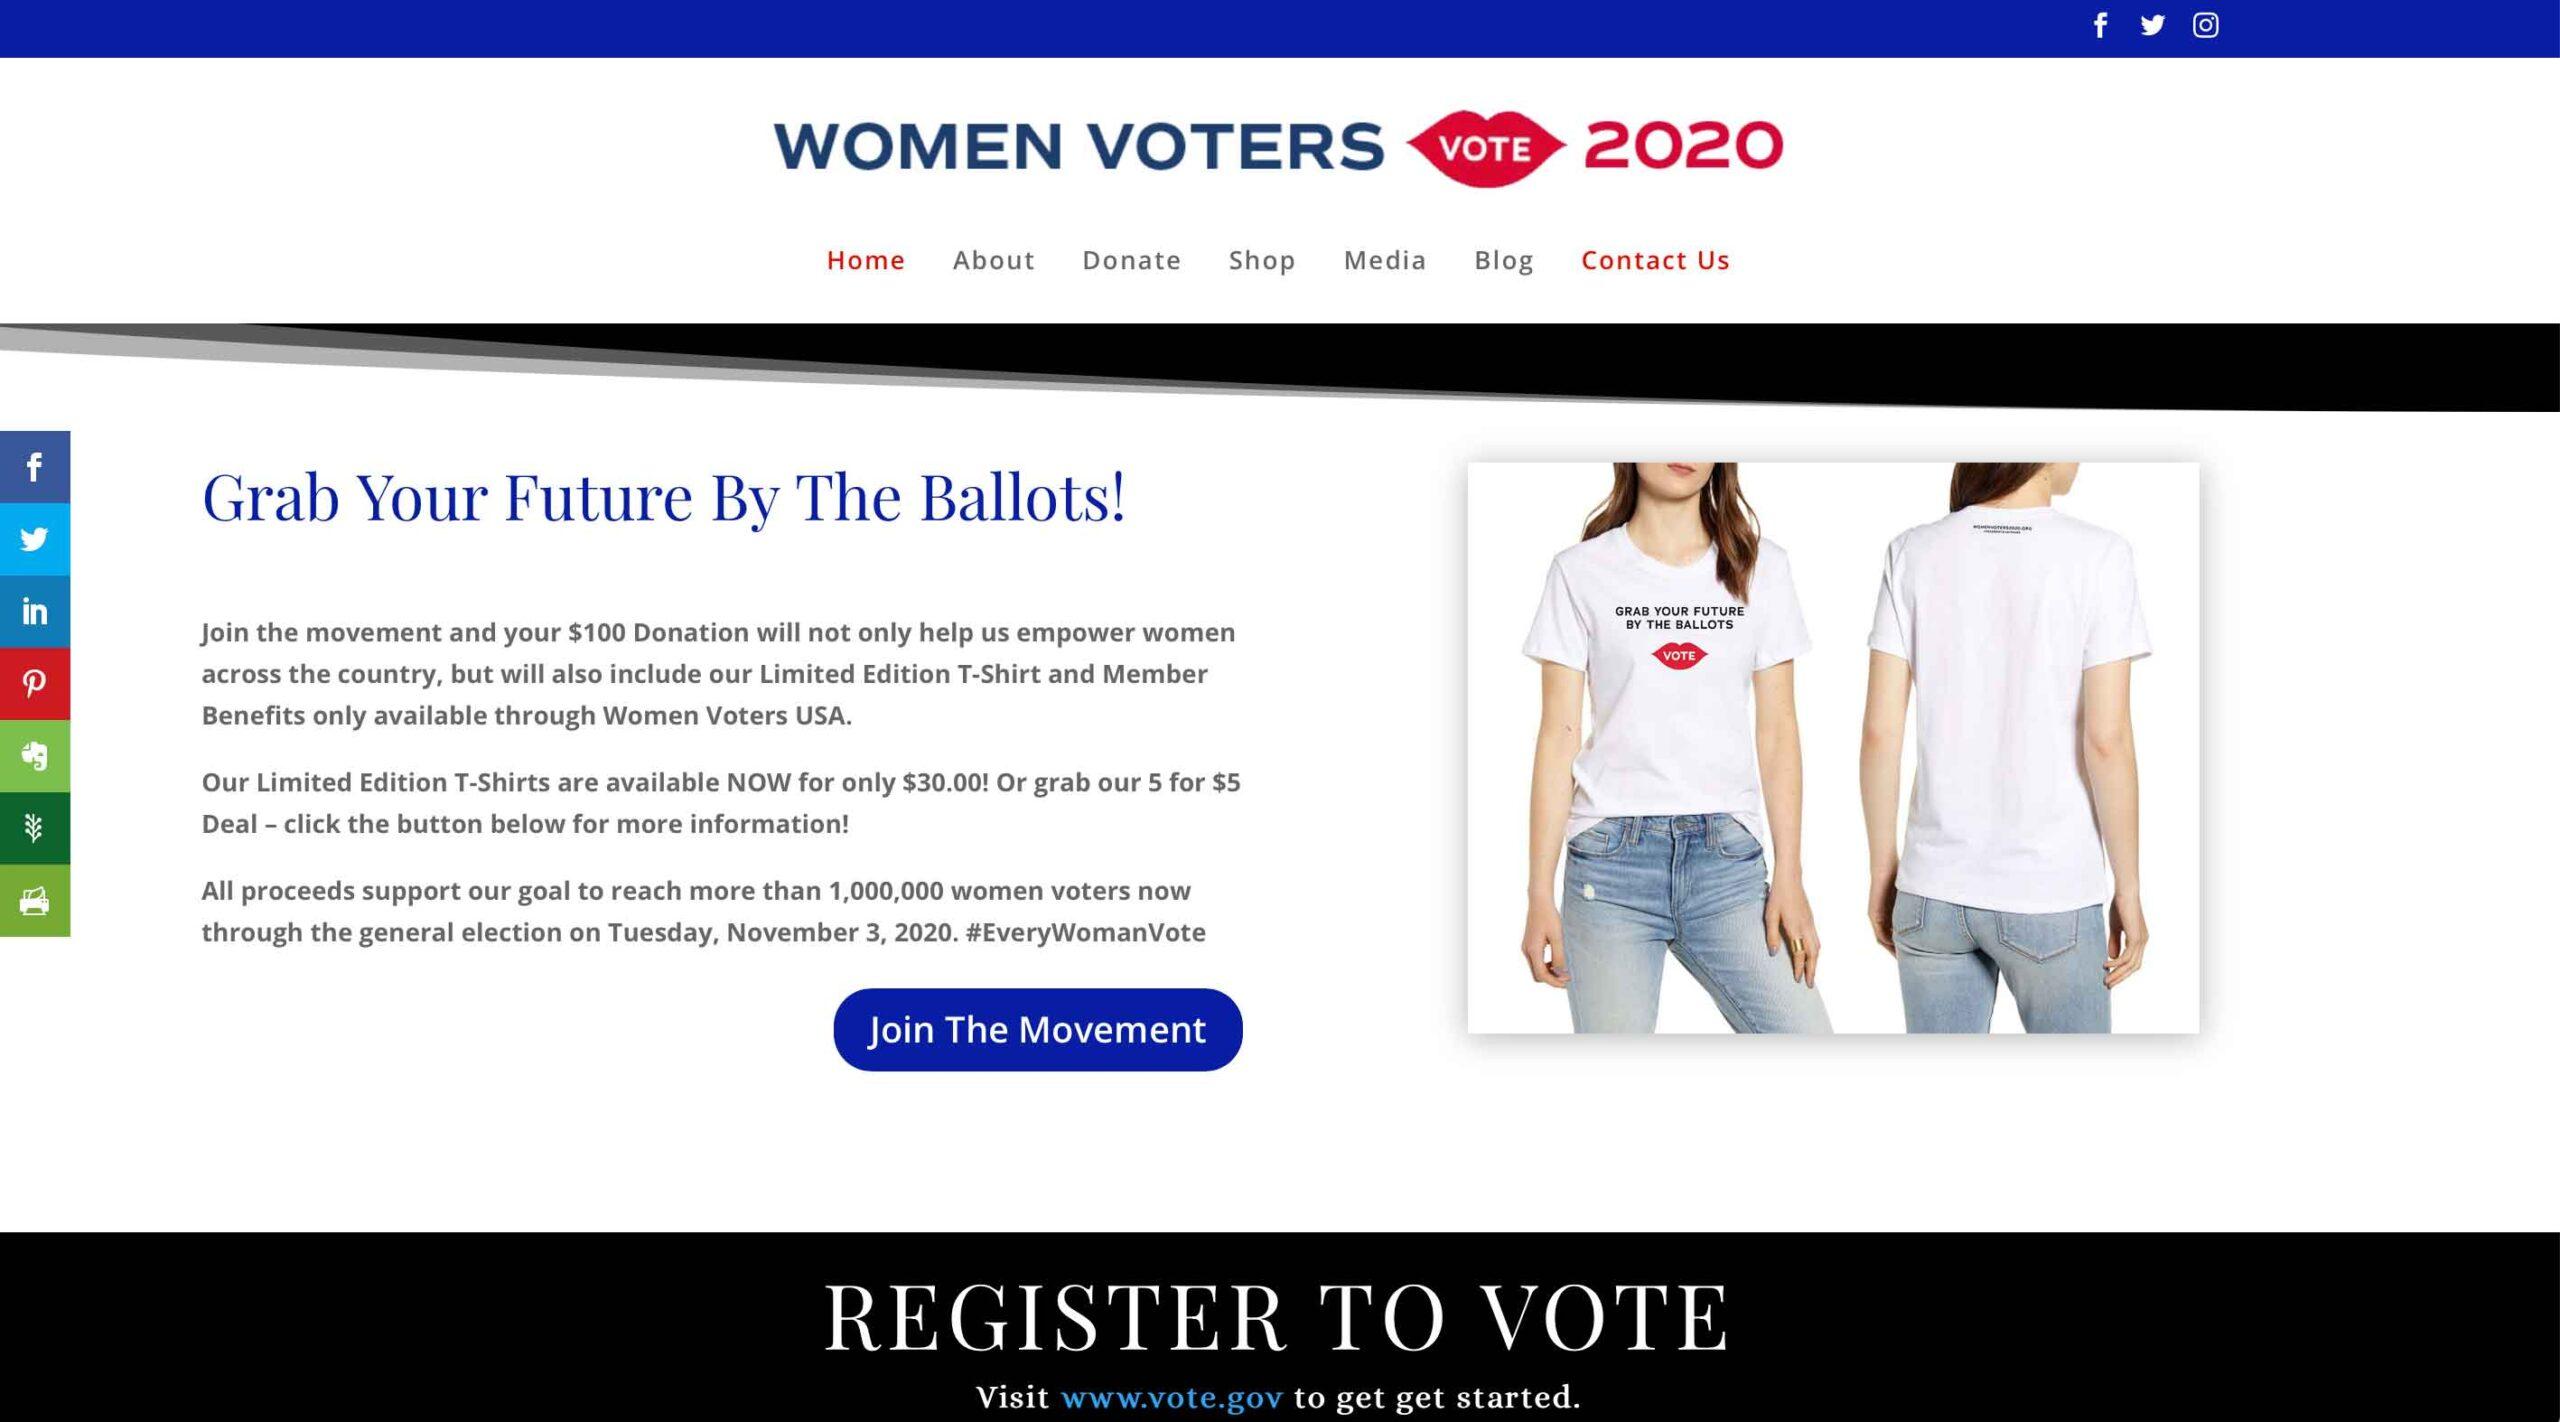 WebHappy Creative - Women Voters Site